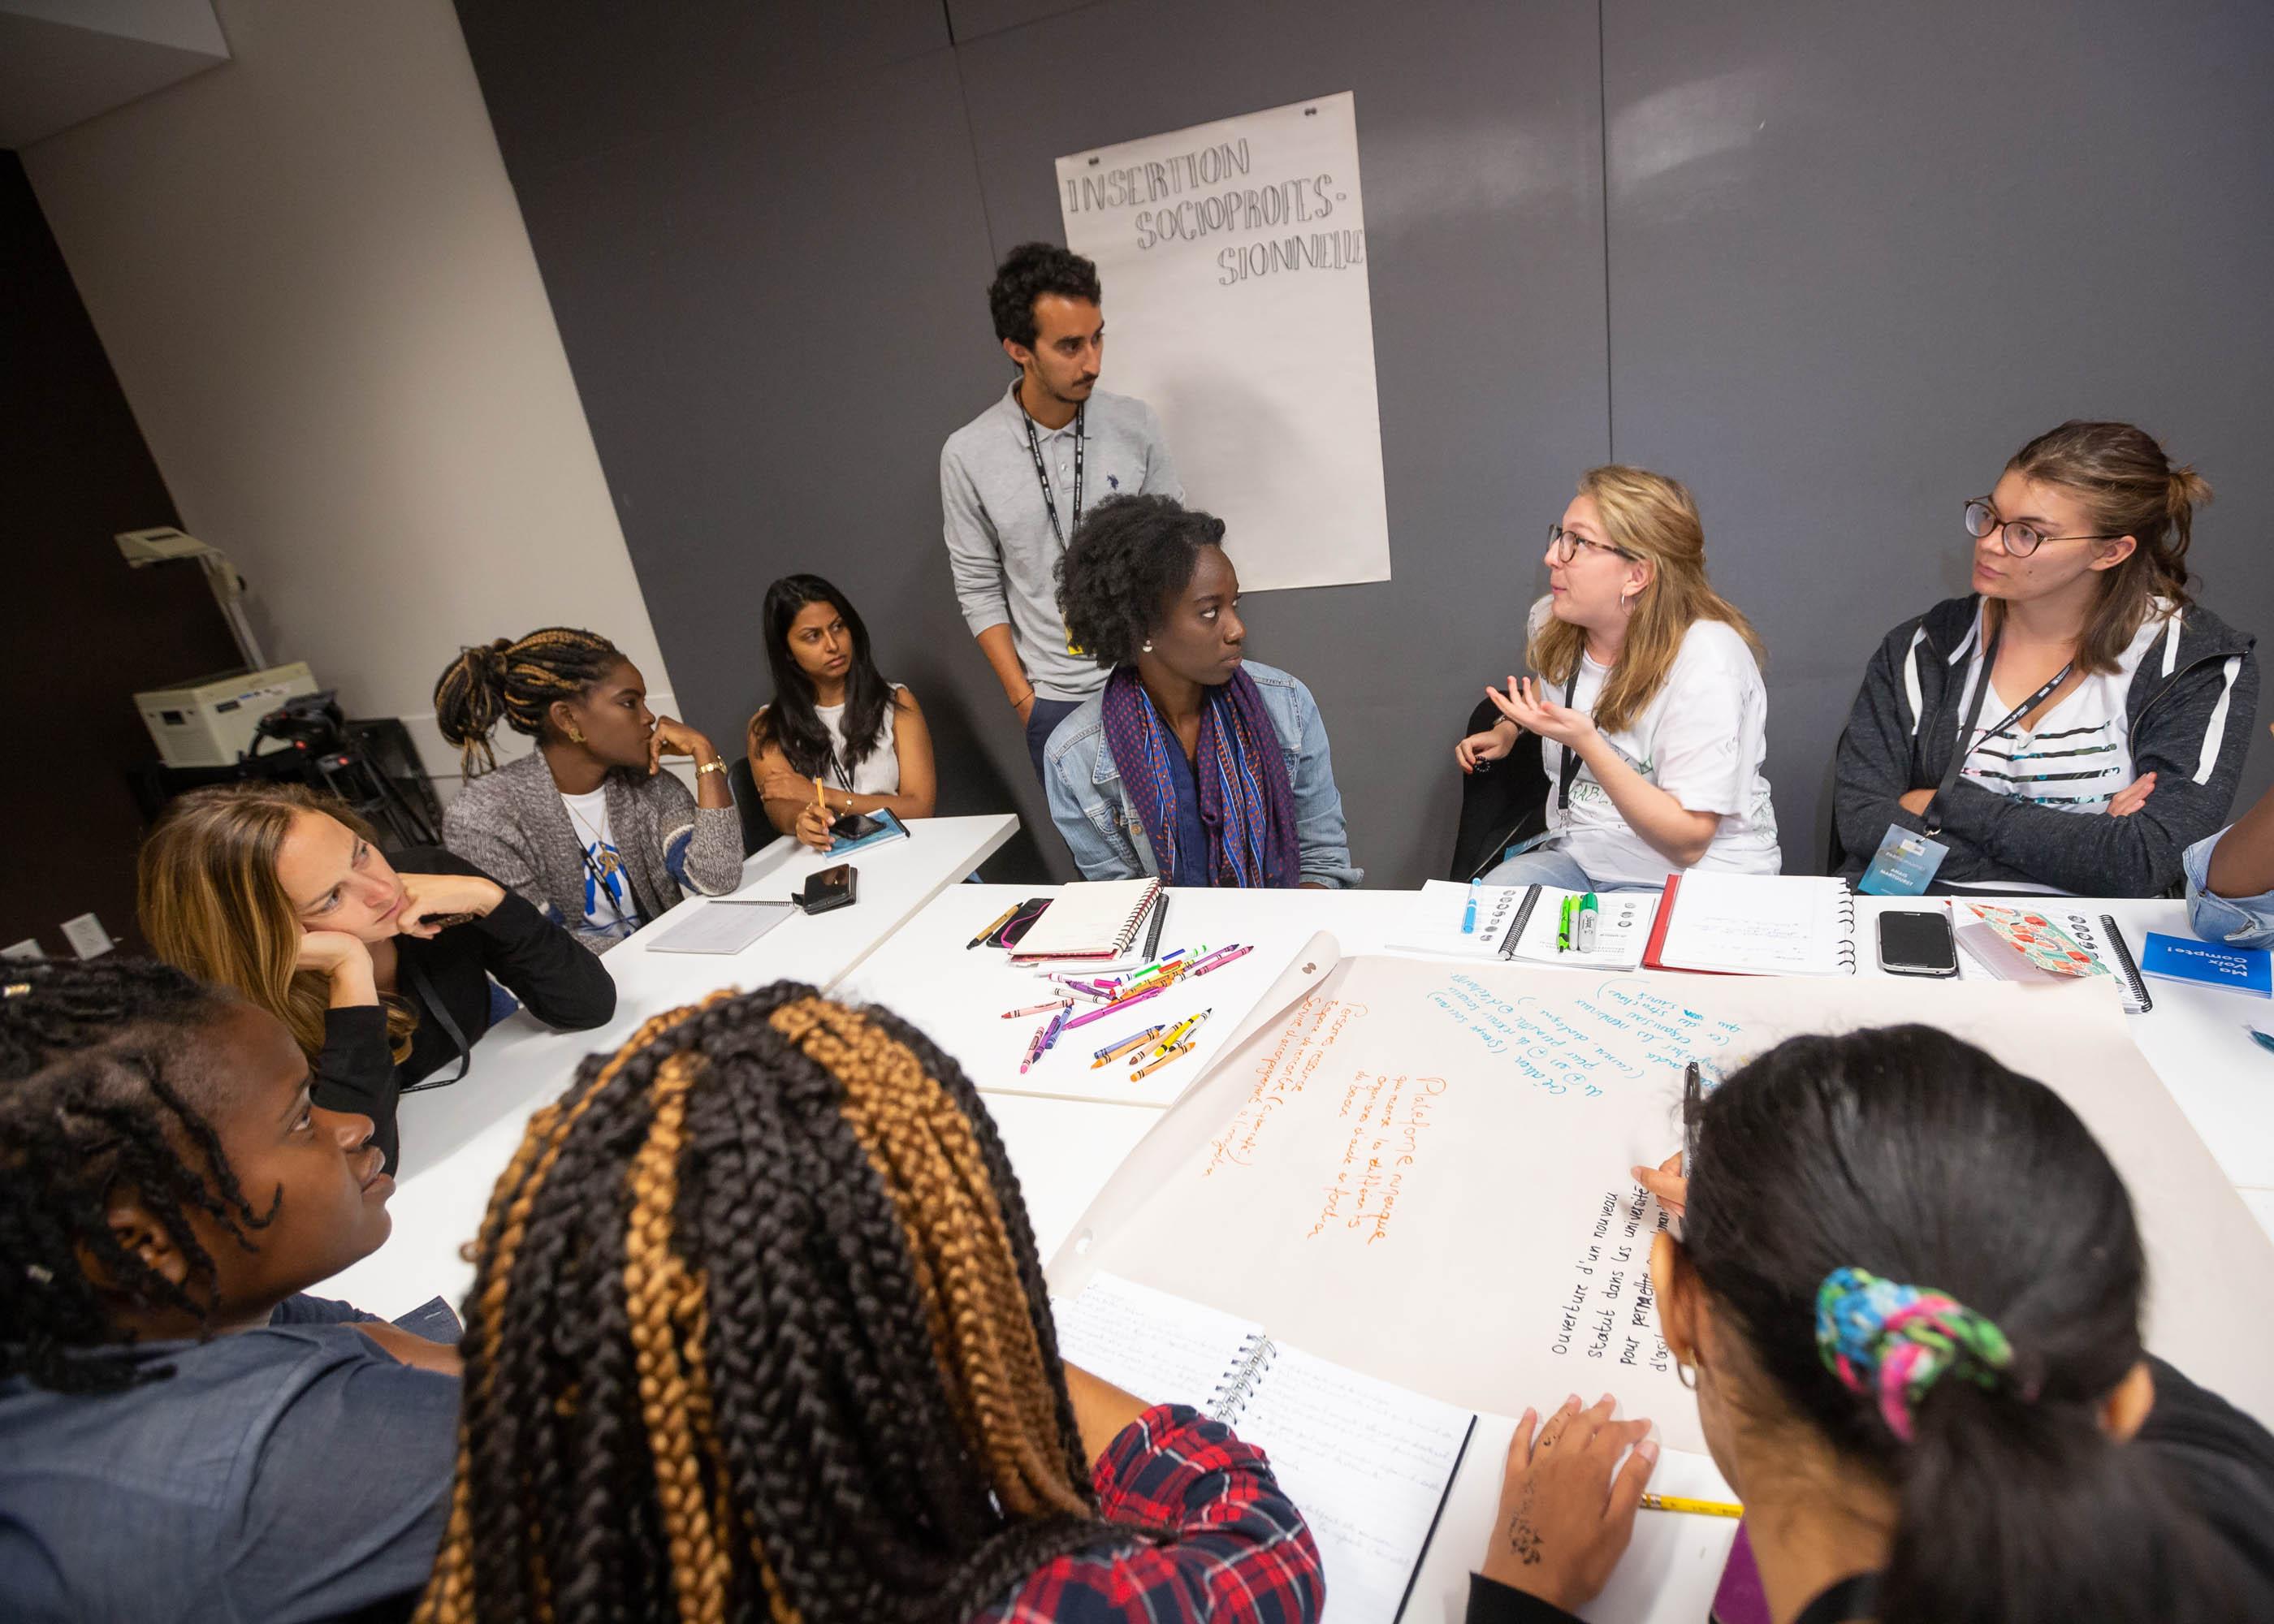 Un groupe d'étudiants travaillant et discutant ensemble dans un cercle.